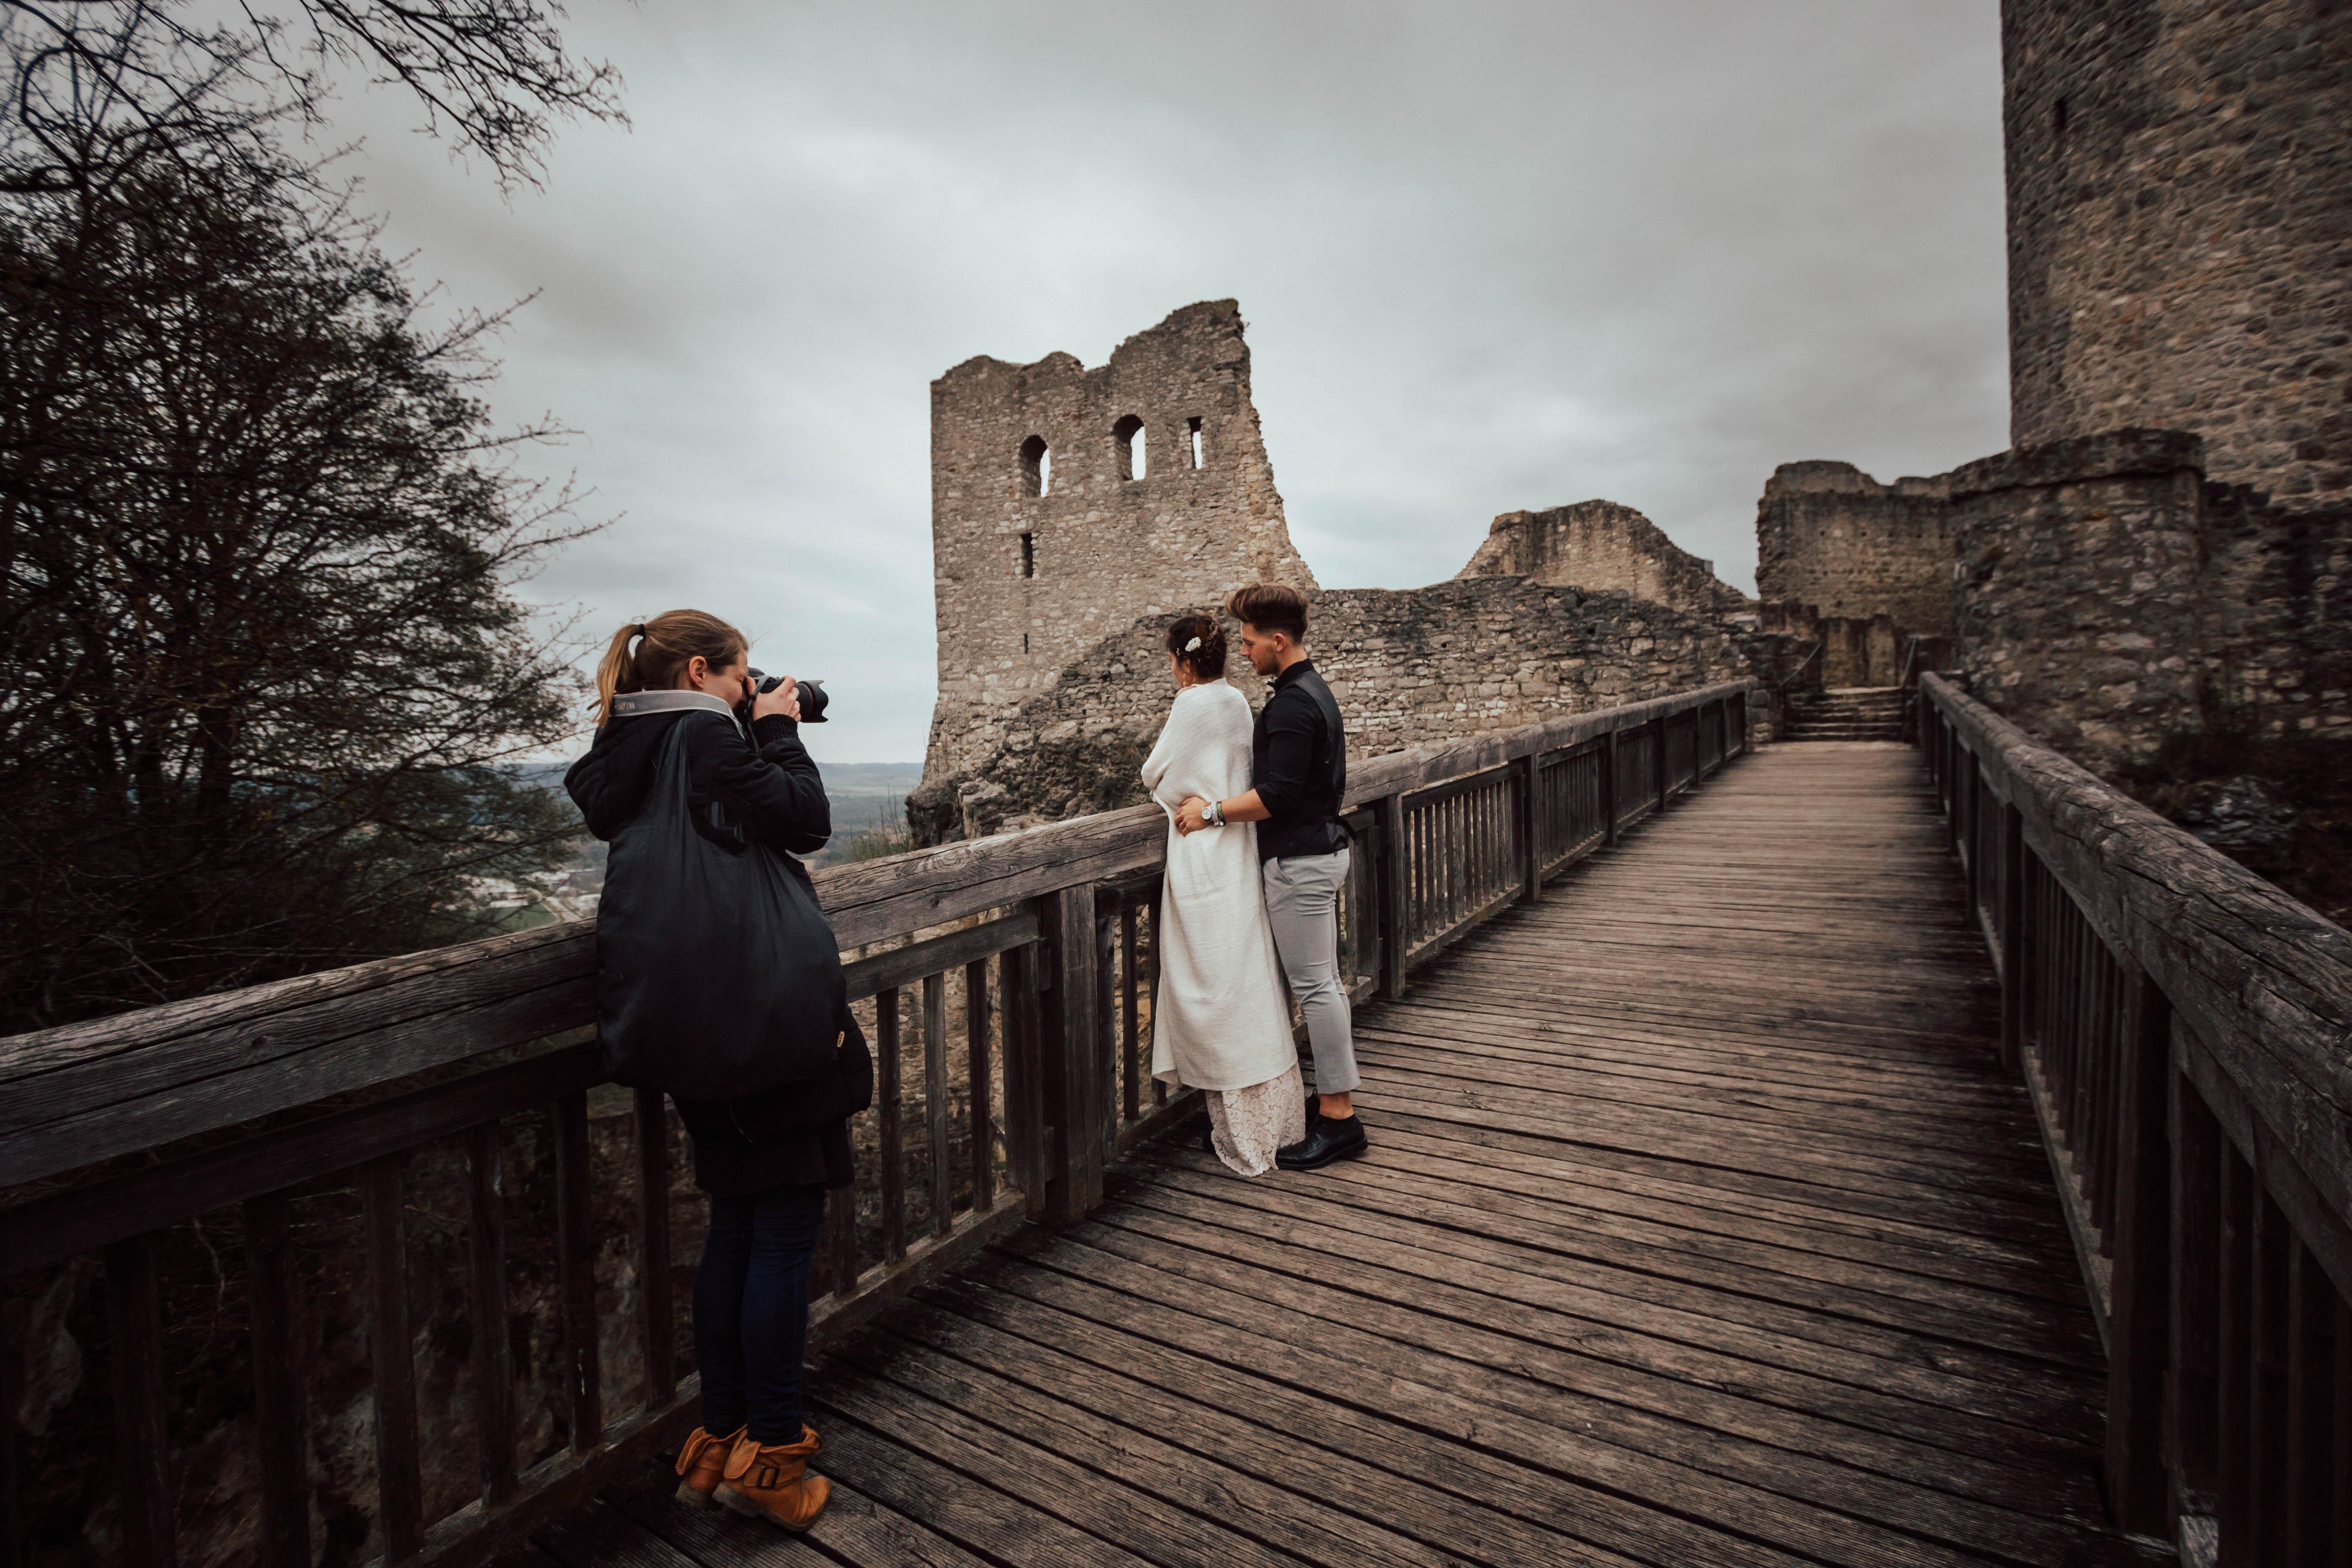 URBANERIE_Hochzeitsfotografin_Nürnberg_Fürth_Erlangen_Schwabach_Hochzeit_160415_003_00050